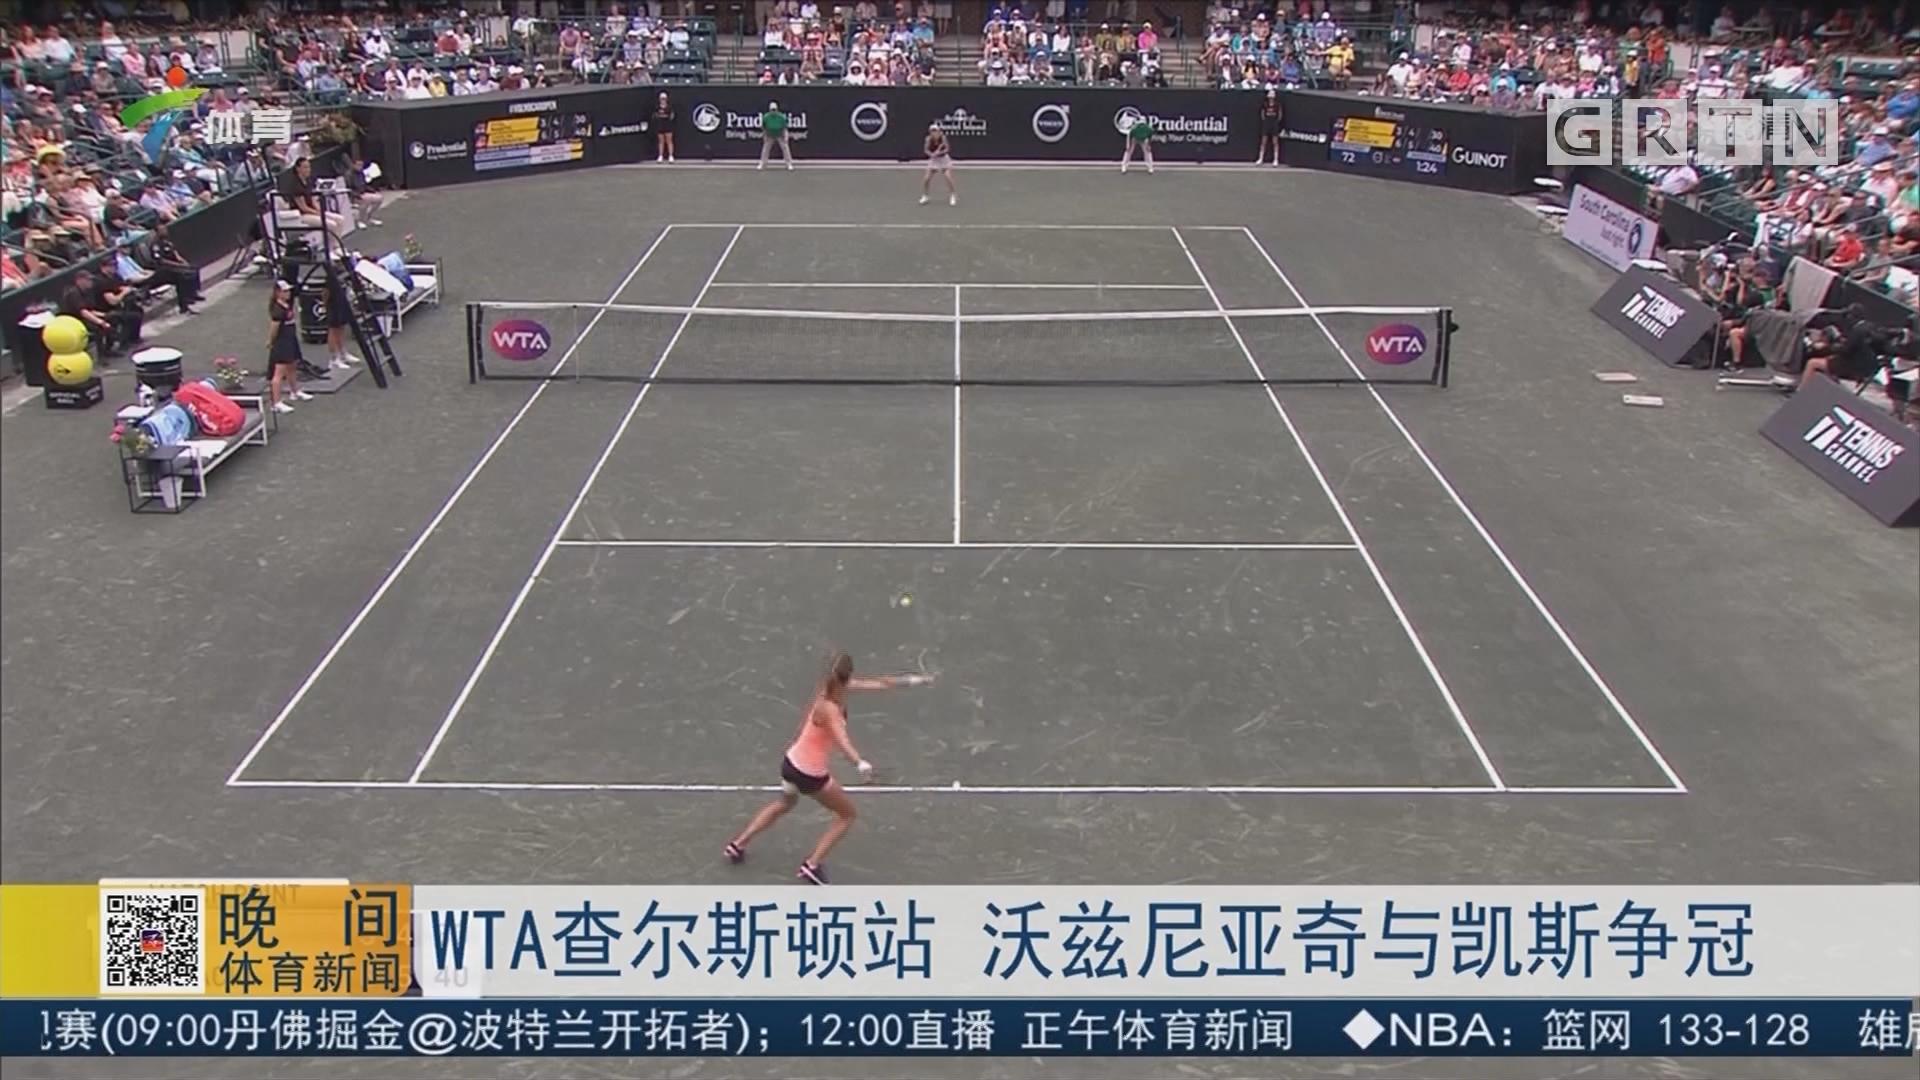 WTA查尔斯顿站 沃兹尼亚奇与凯斯争冠